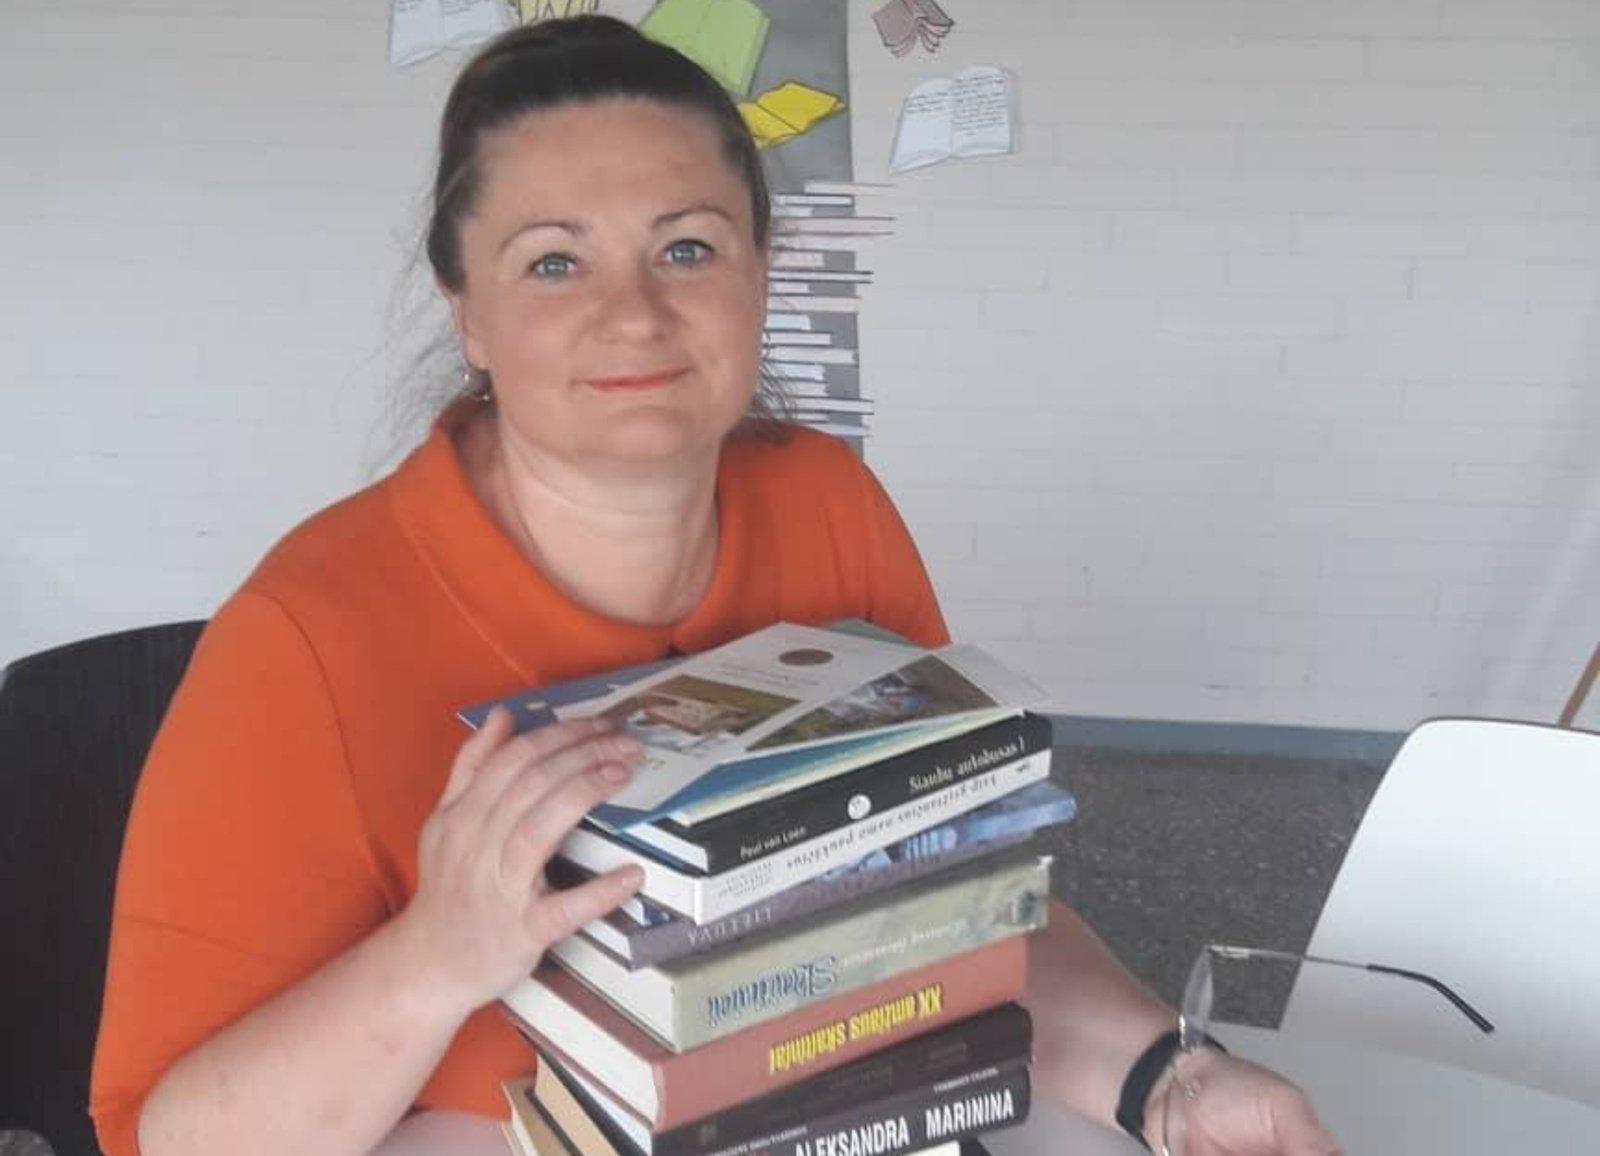 Lietuvių kalbos mokytoja Danutė Liutkevičienė: net nesvajojau apie geresnį darbą